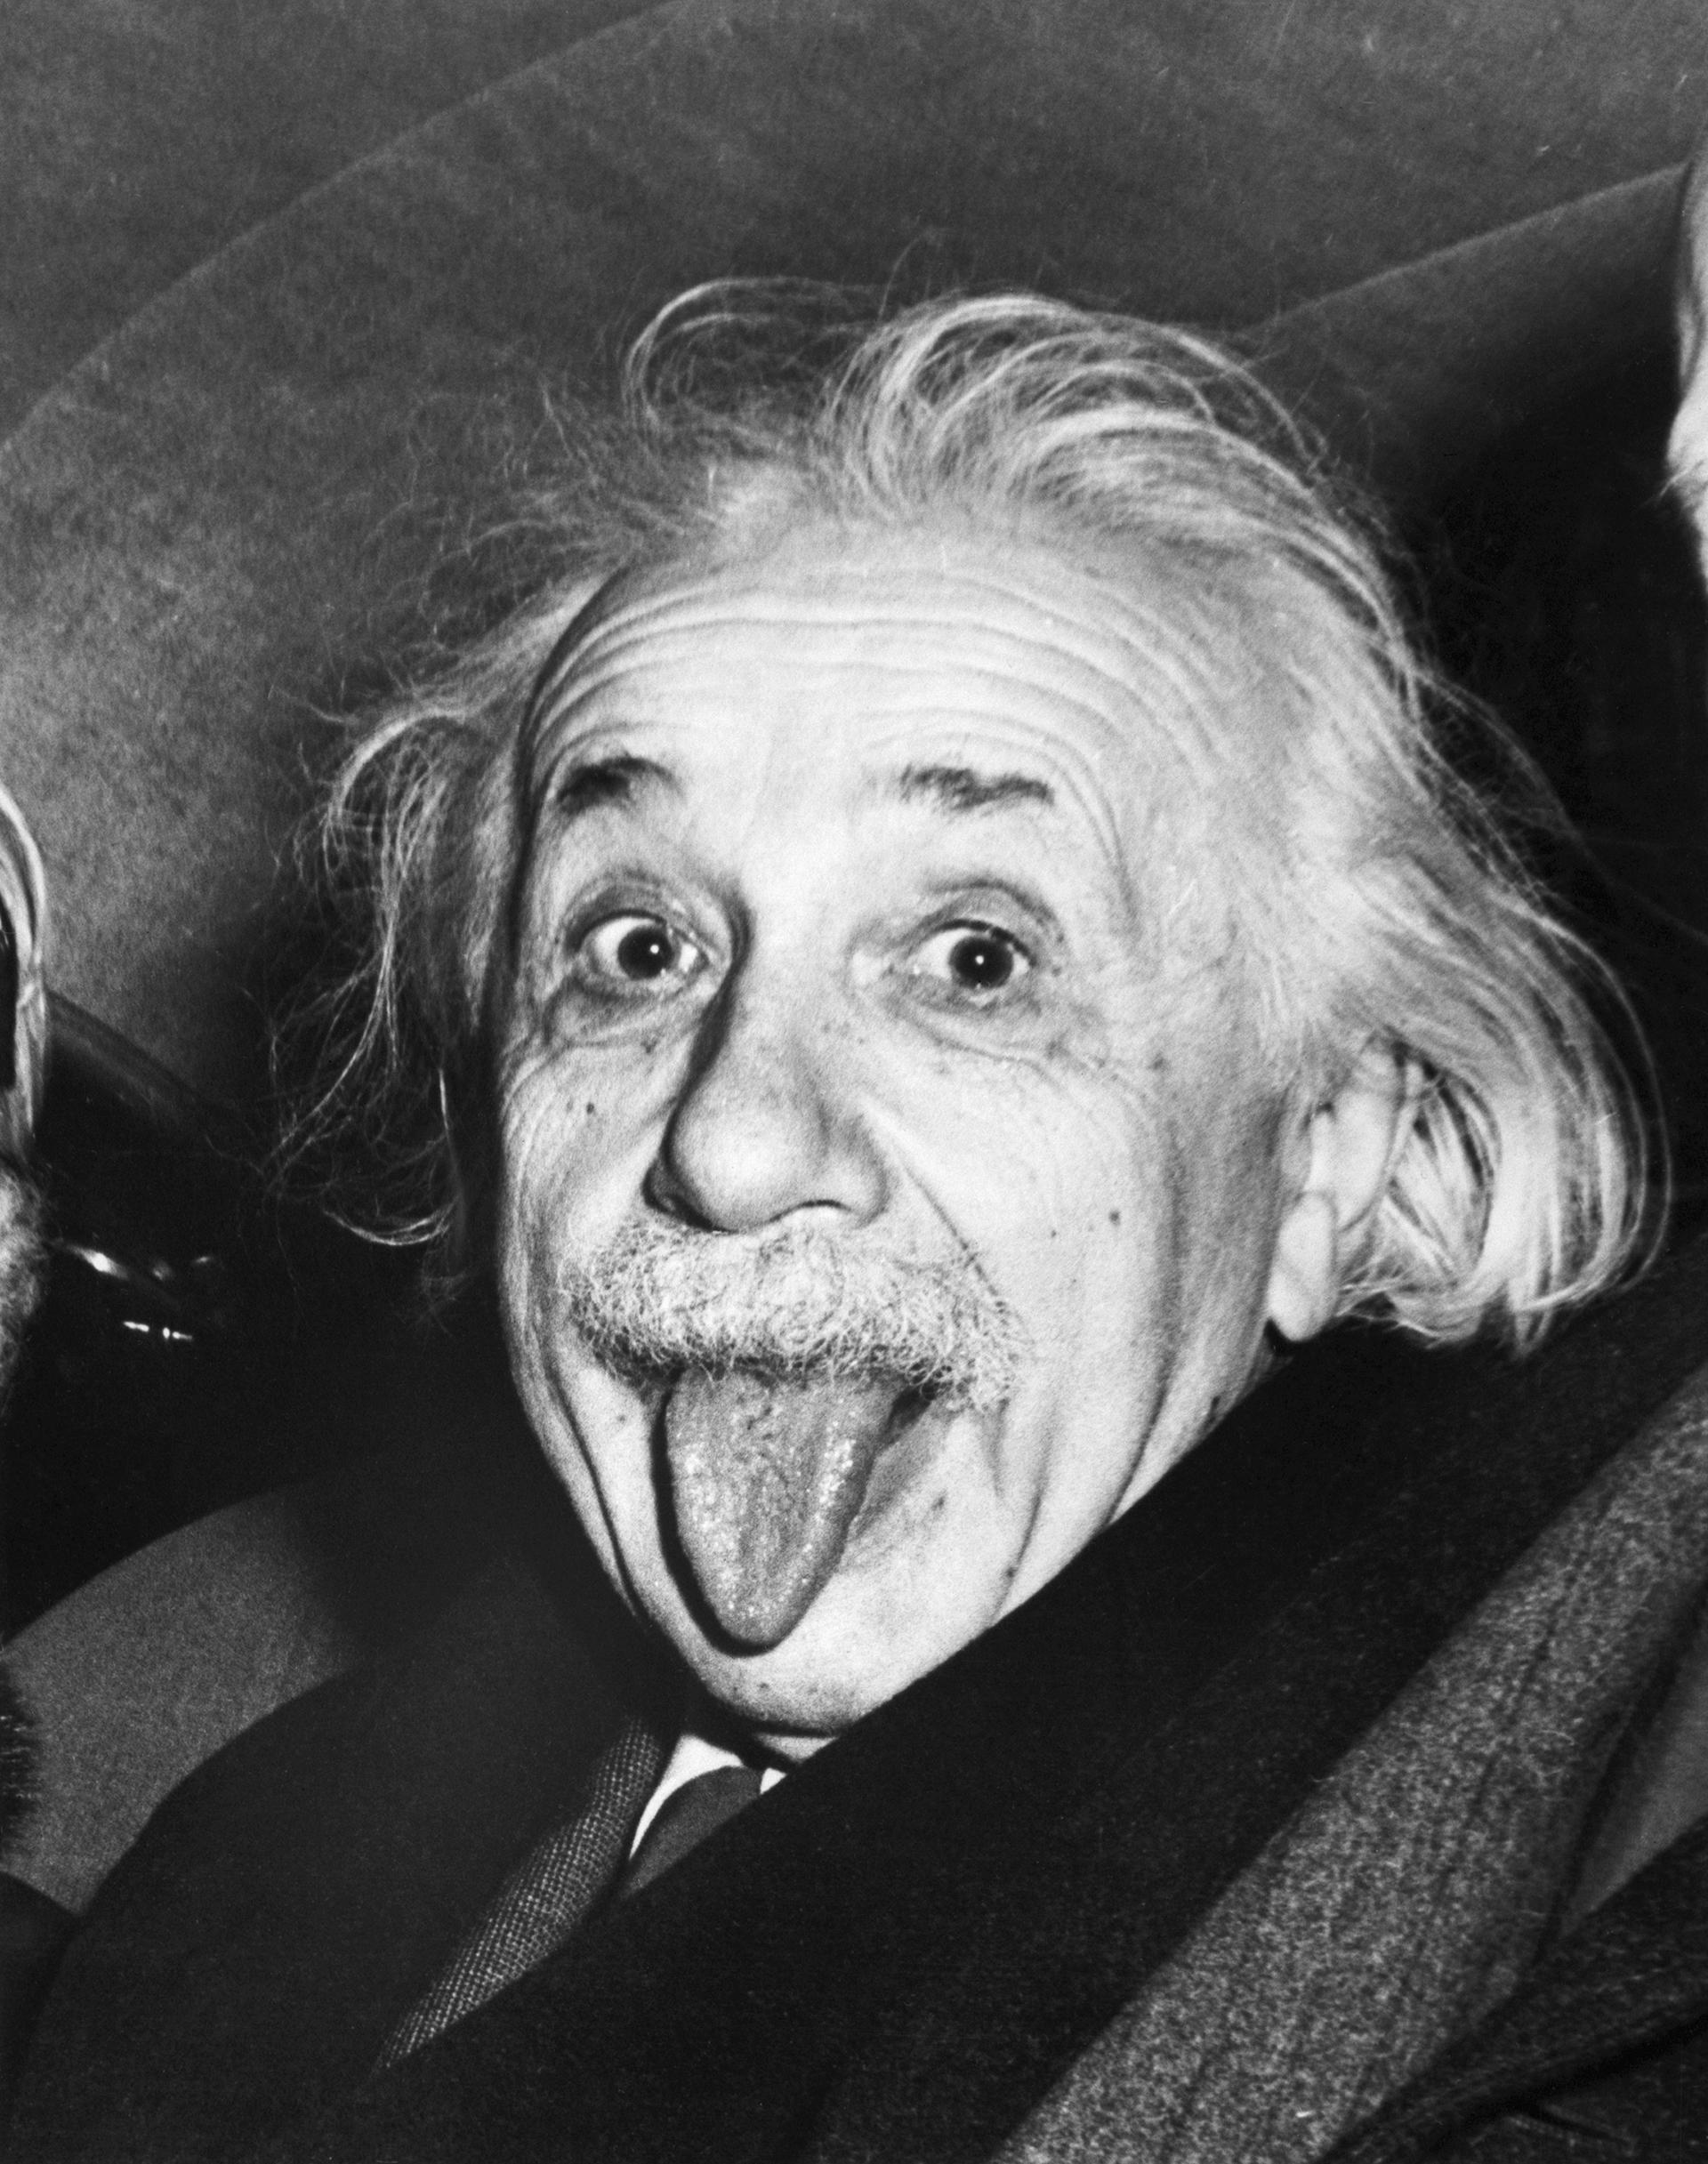 Albert Einstein sacó la lengua cuando le pidieron que sonría en su cumpeaños 72, en 1951